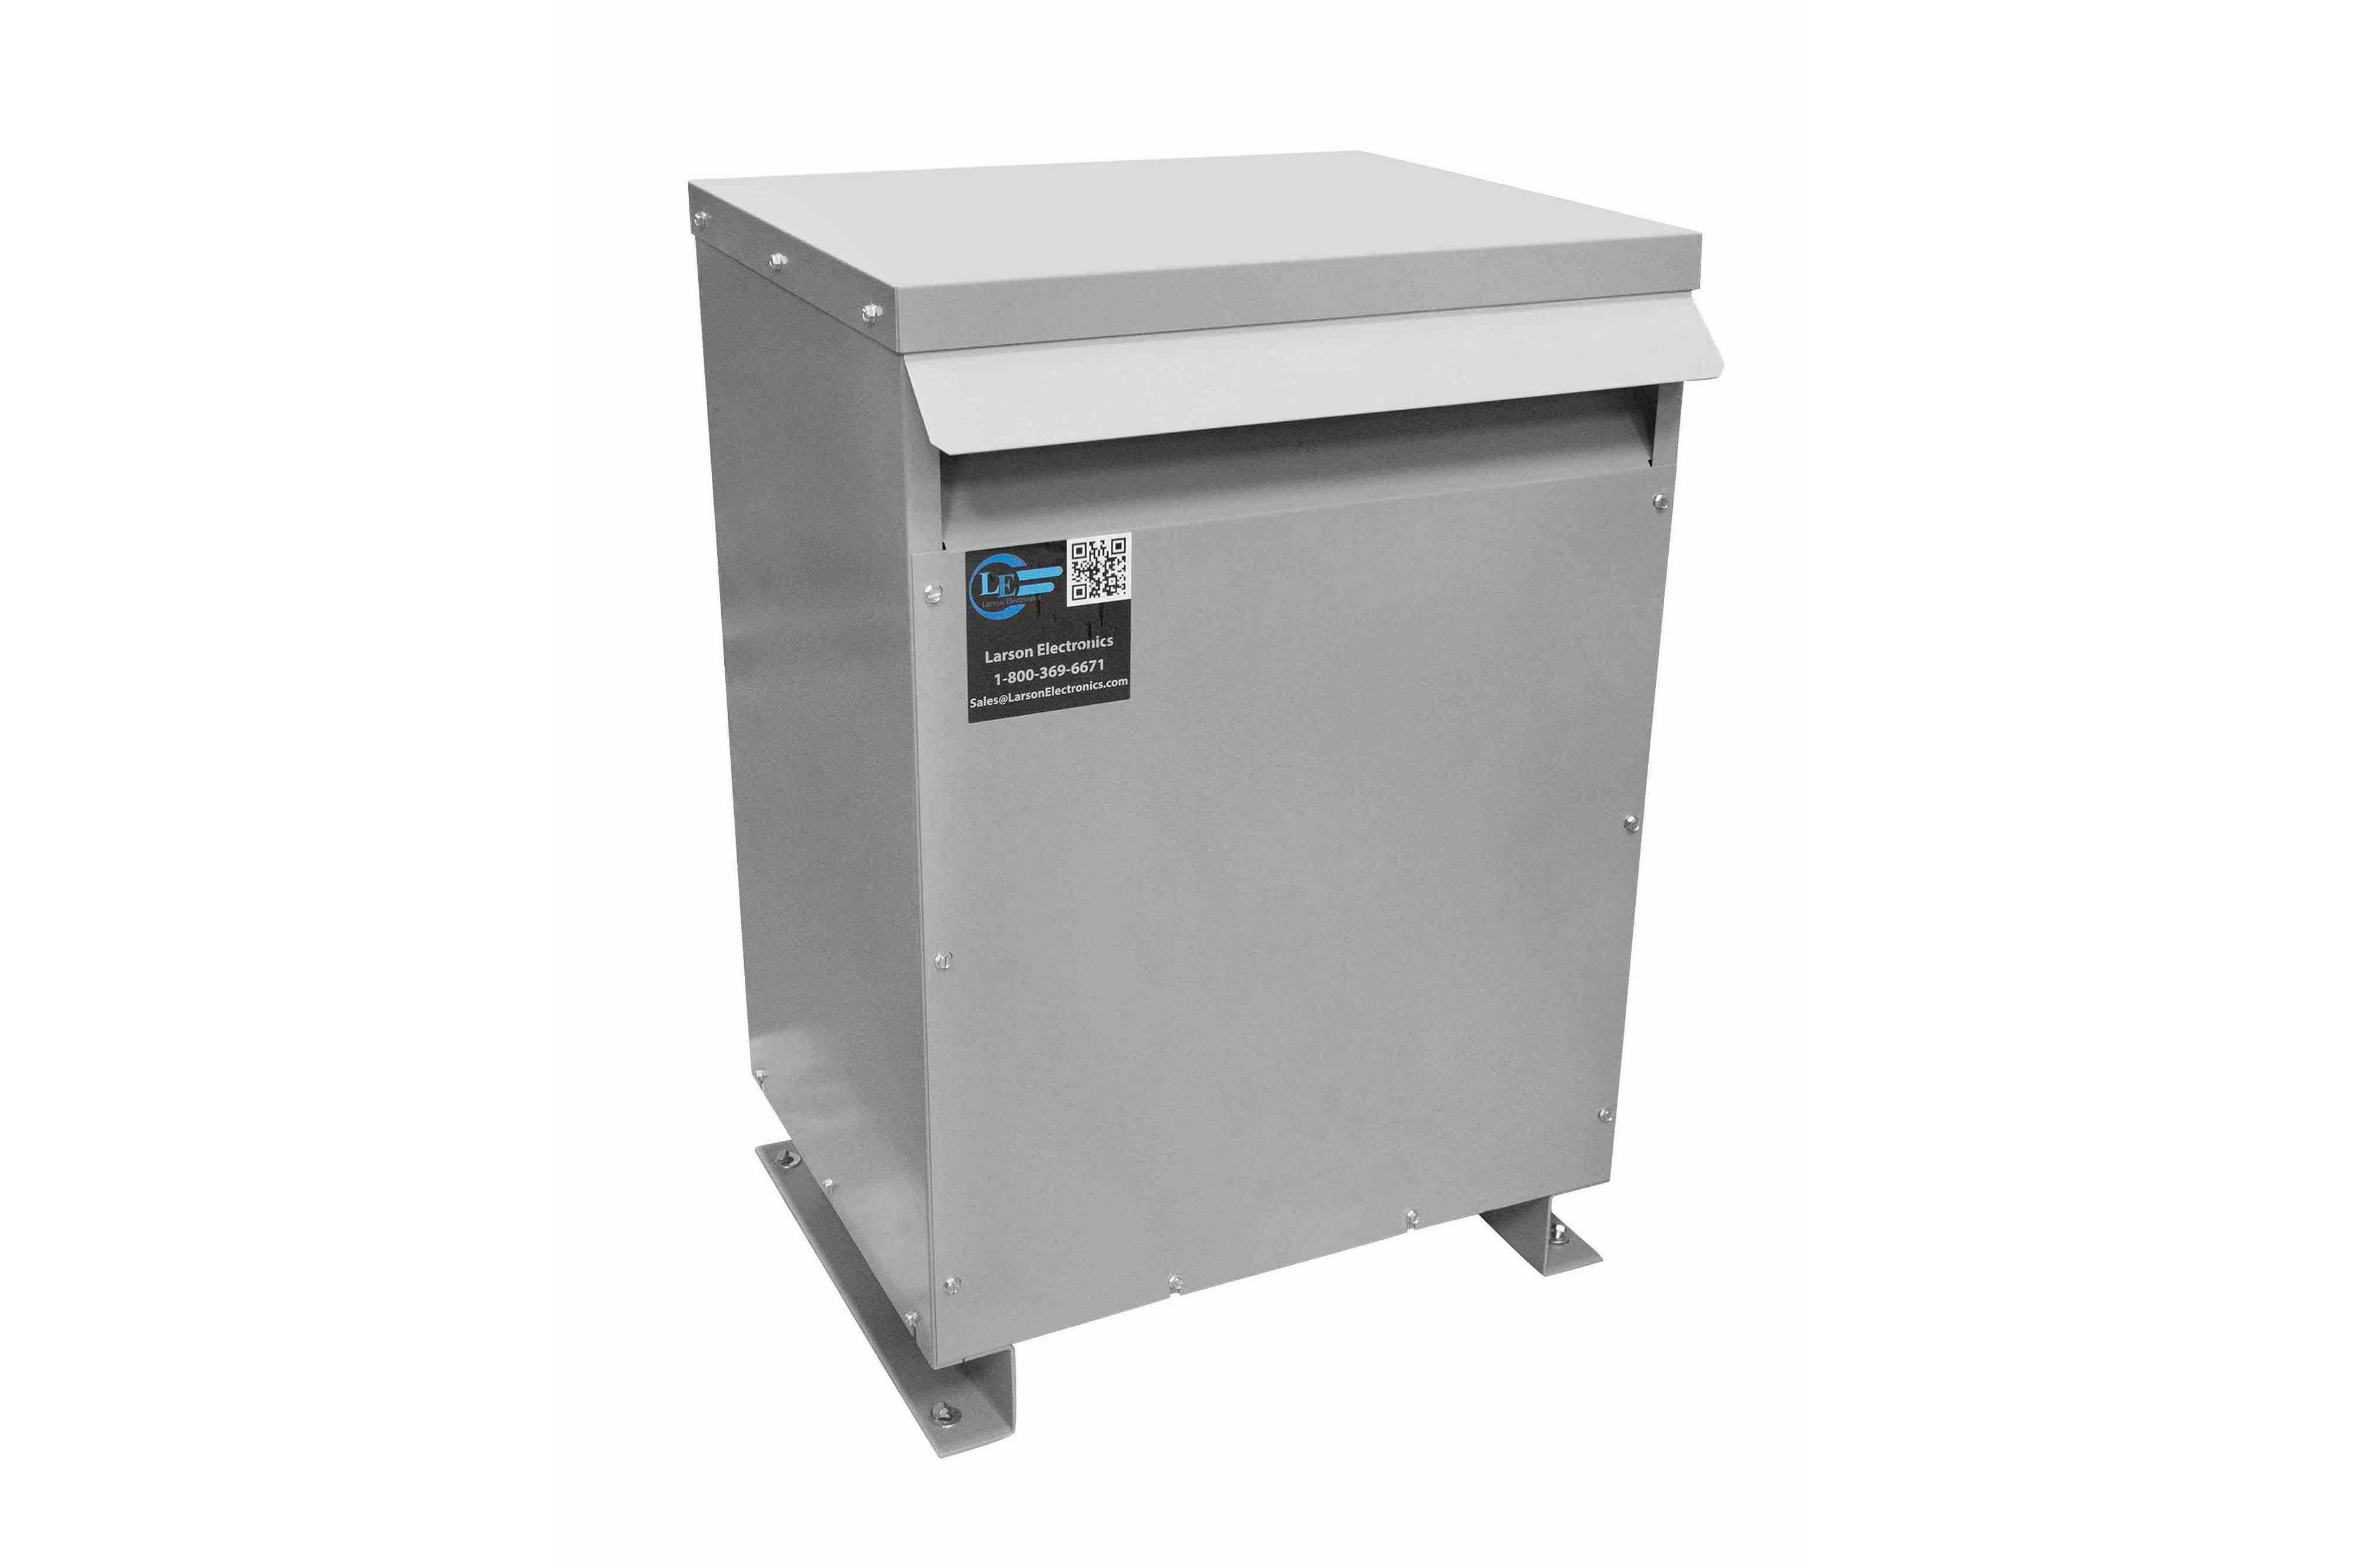 28 kVA 3PH Isolation Transformer, 230V Delta Primary, 208V Delta Secondary, N3R, Ventilated, 60 Hz